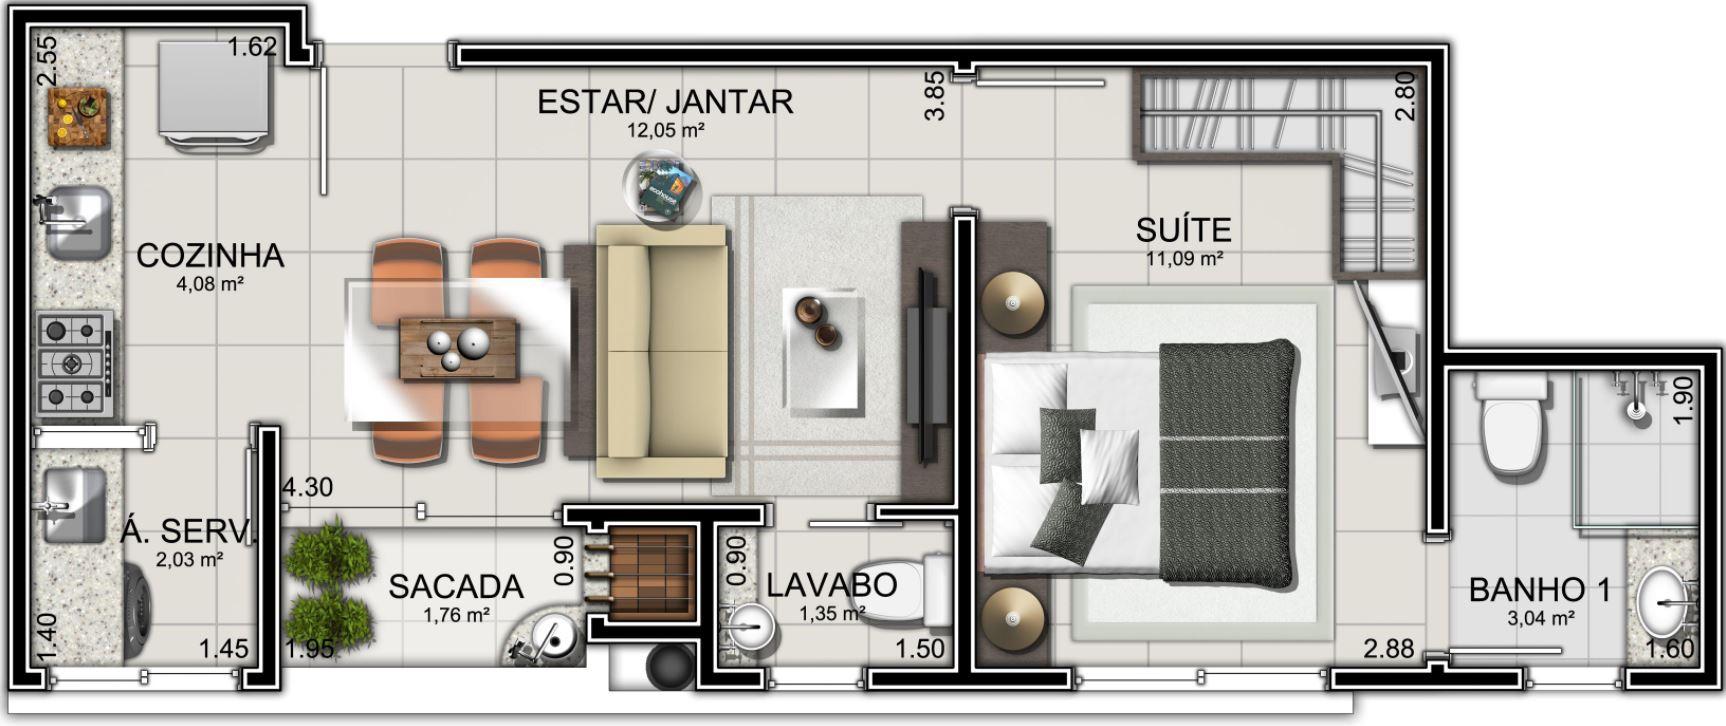 Planos de departamentos peque os rectangulares for Departamentos pequenos planos